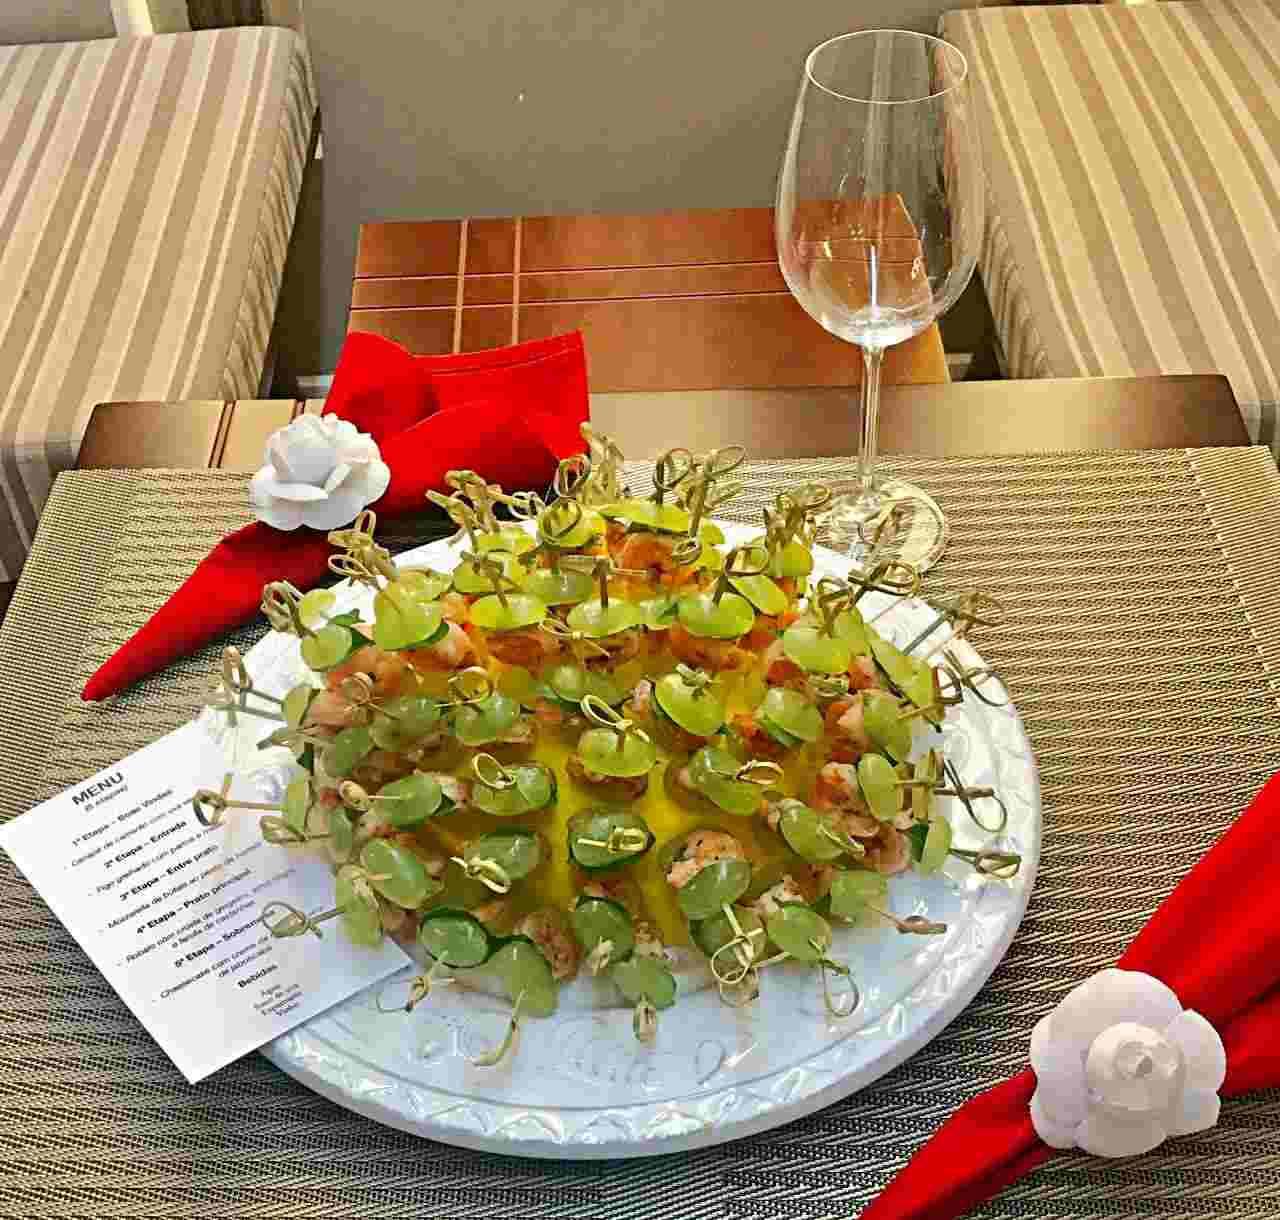 Canapé de camarão com uva verde